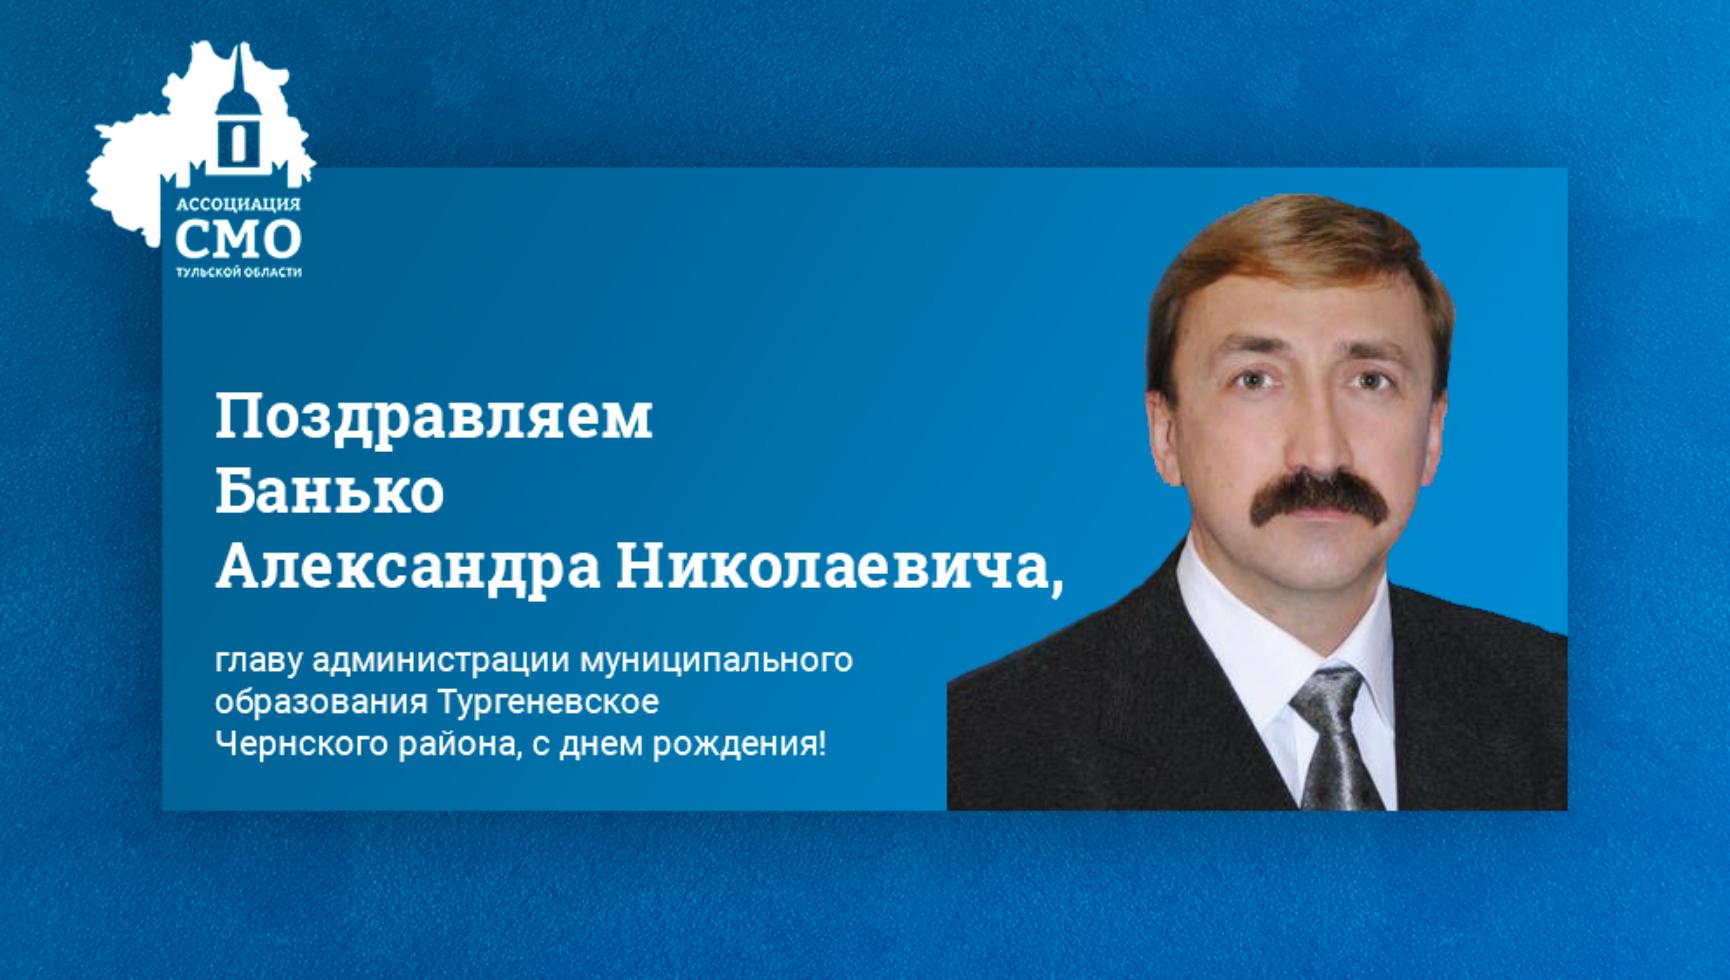 Поздравляем Банько Александра Николаевича, главу администрации муниципального образования Тургеневское Чернского района, с днем рождения!